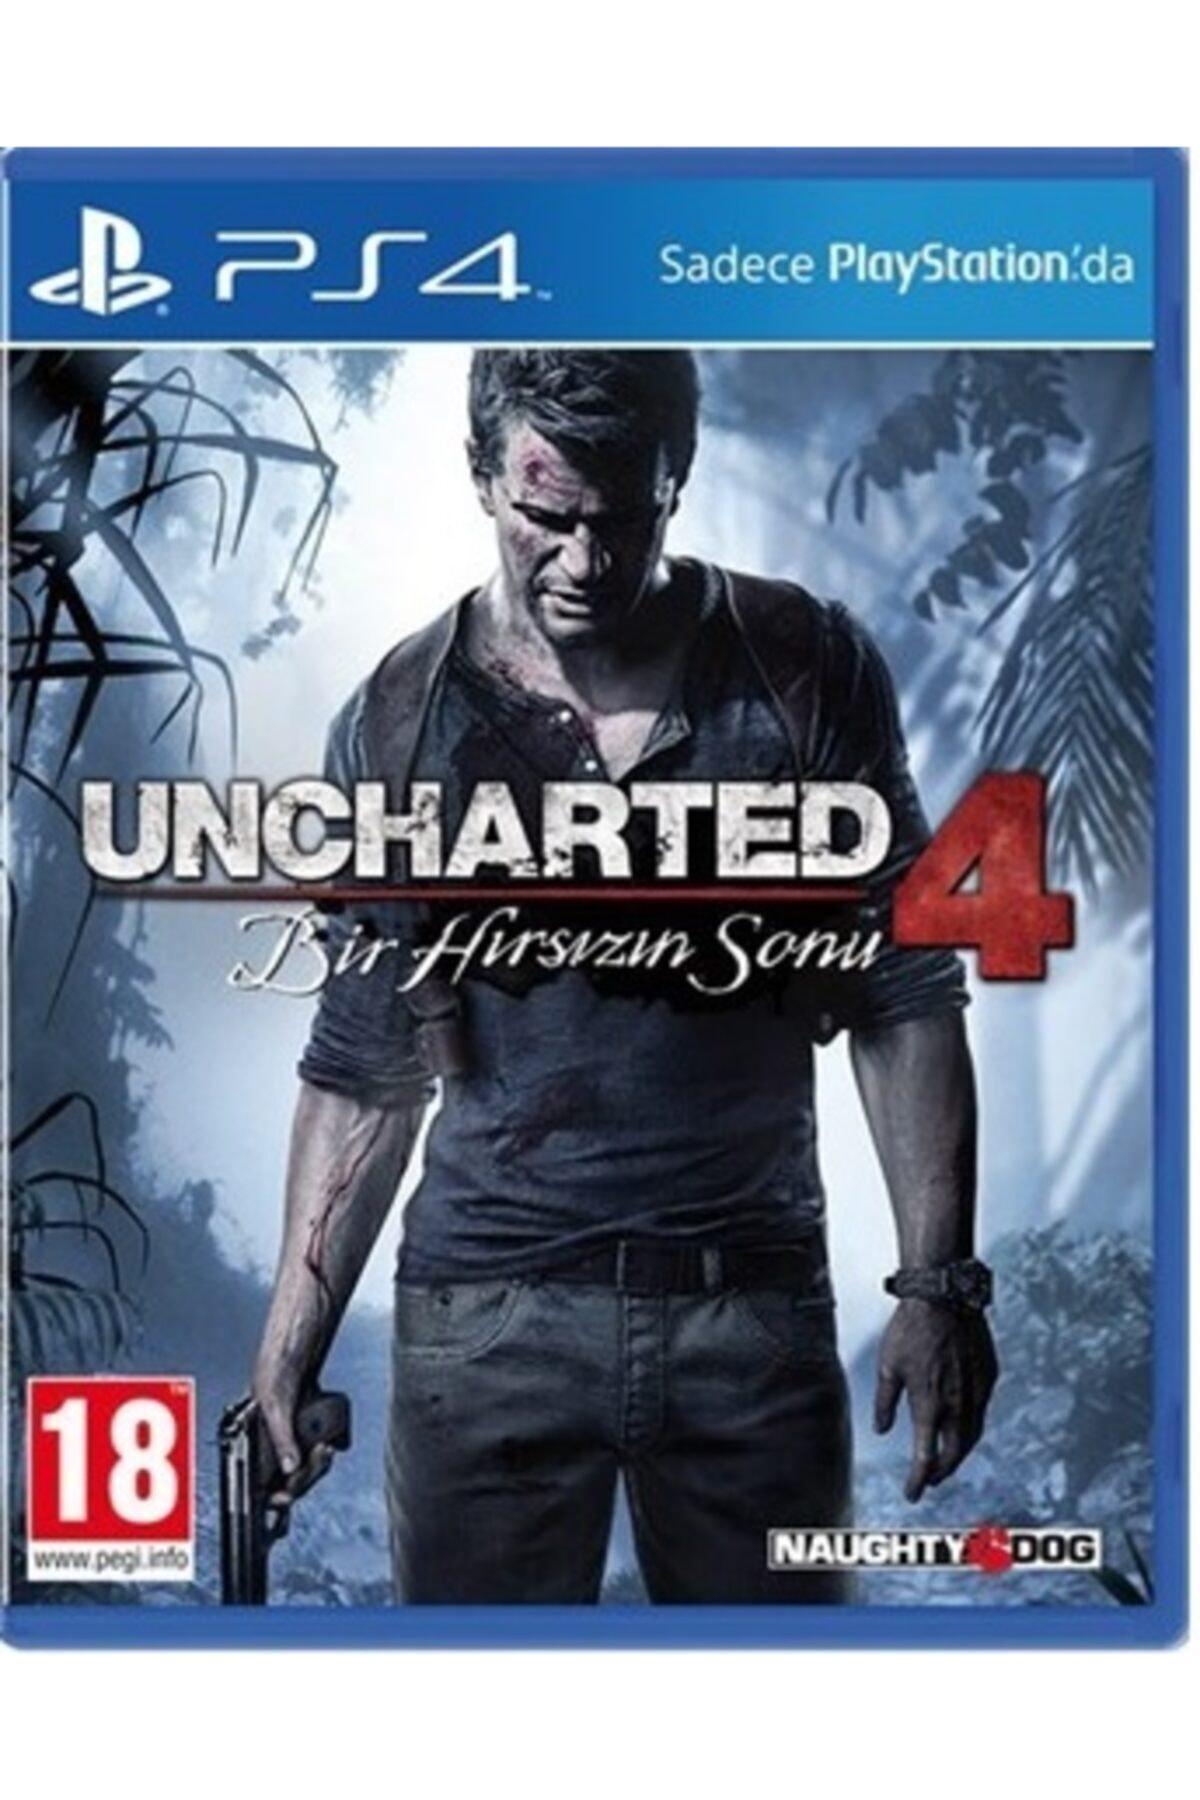 Naughty Dog Uncharted 4: Bir Hırsızın Sonu  - Türkçe Dublaj Ps4 Oyun 1